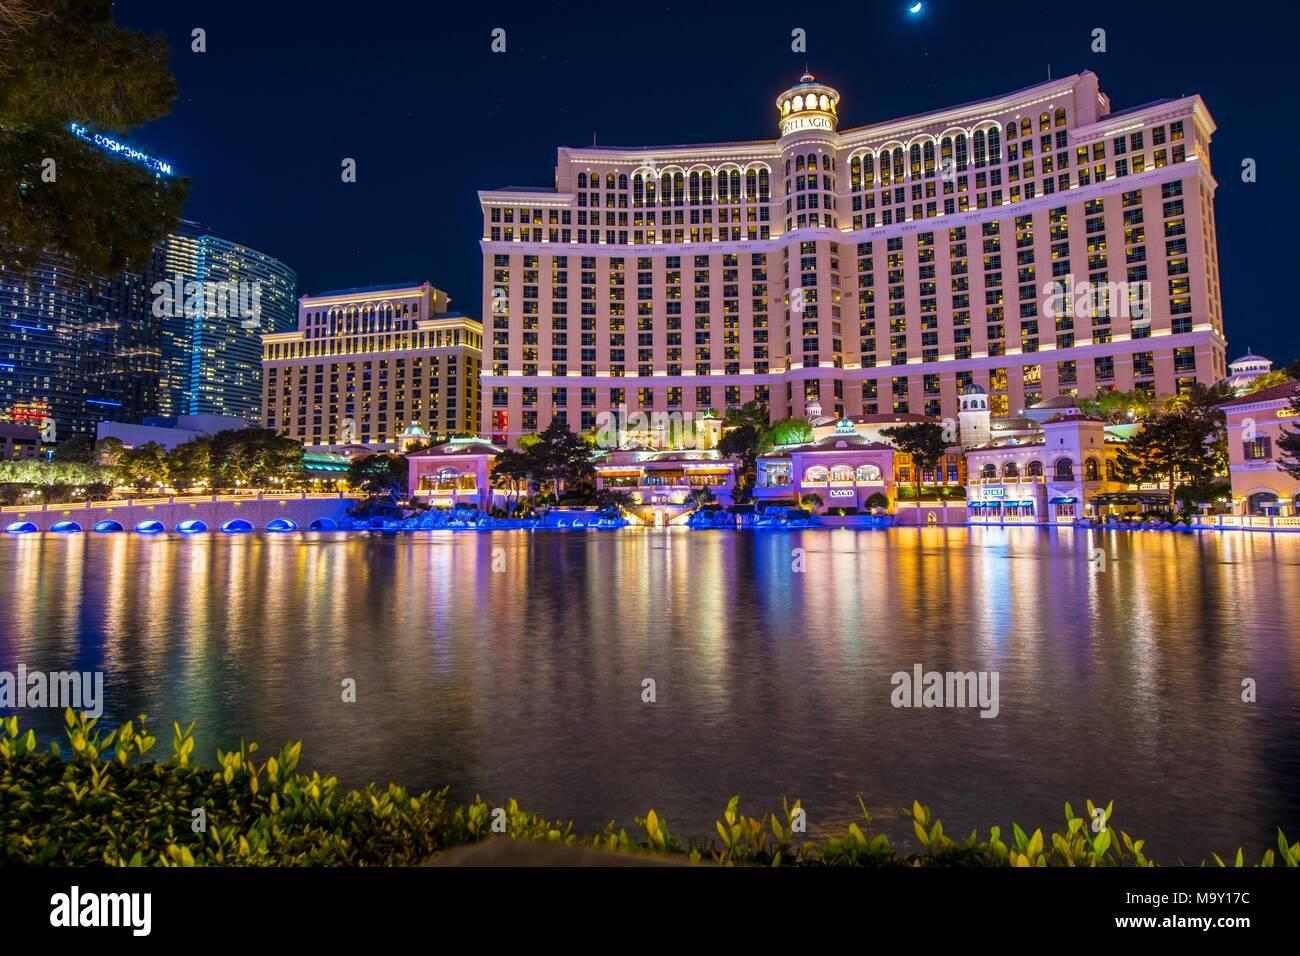 Las Vegas 2018 - Stock Image